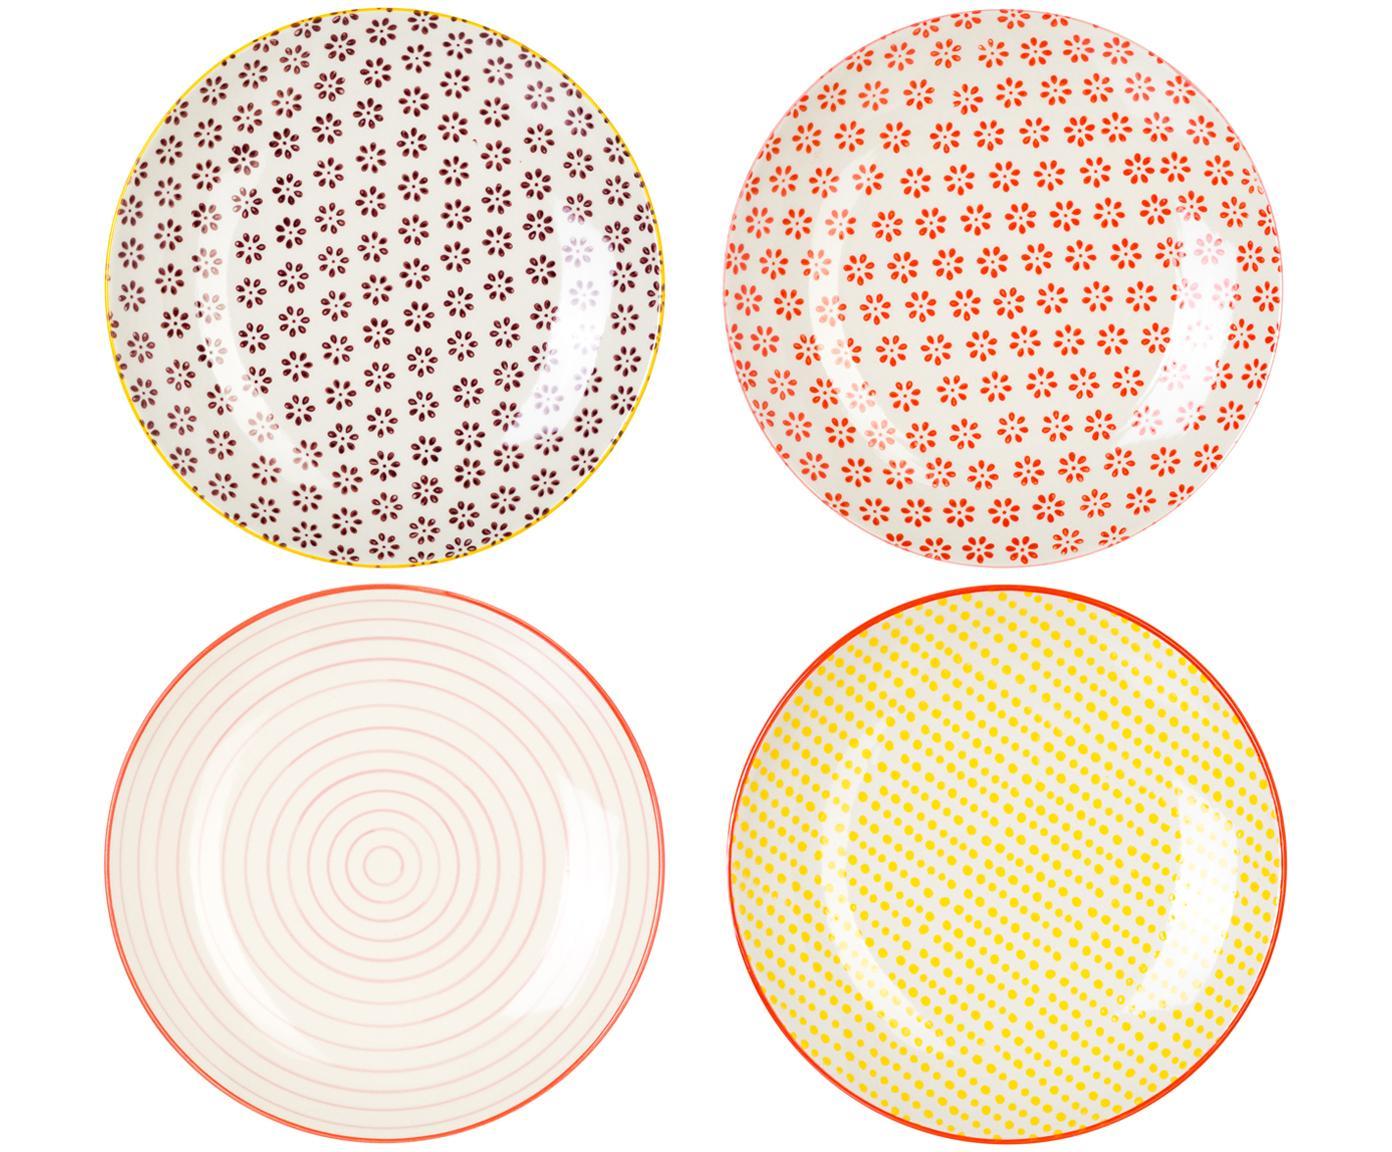 Platos postre Susie, 4pzas., Gres, Multicolor, Ø 20 cm